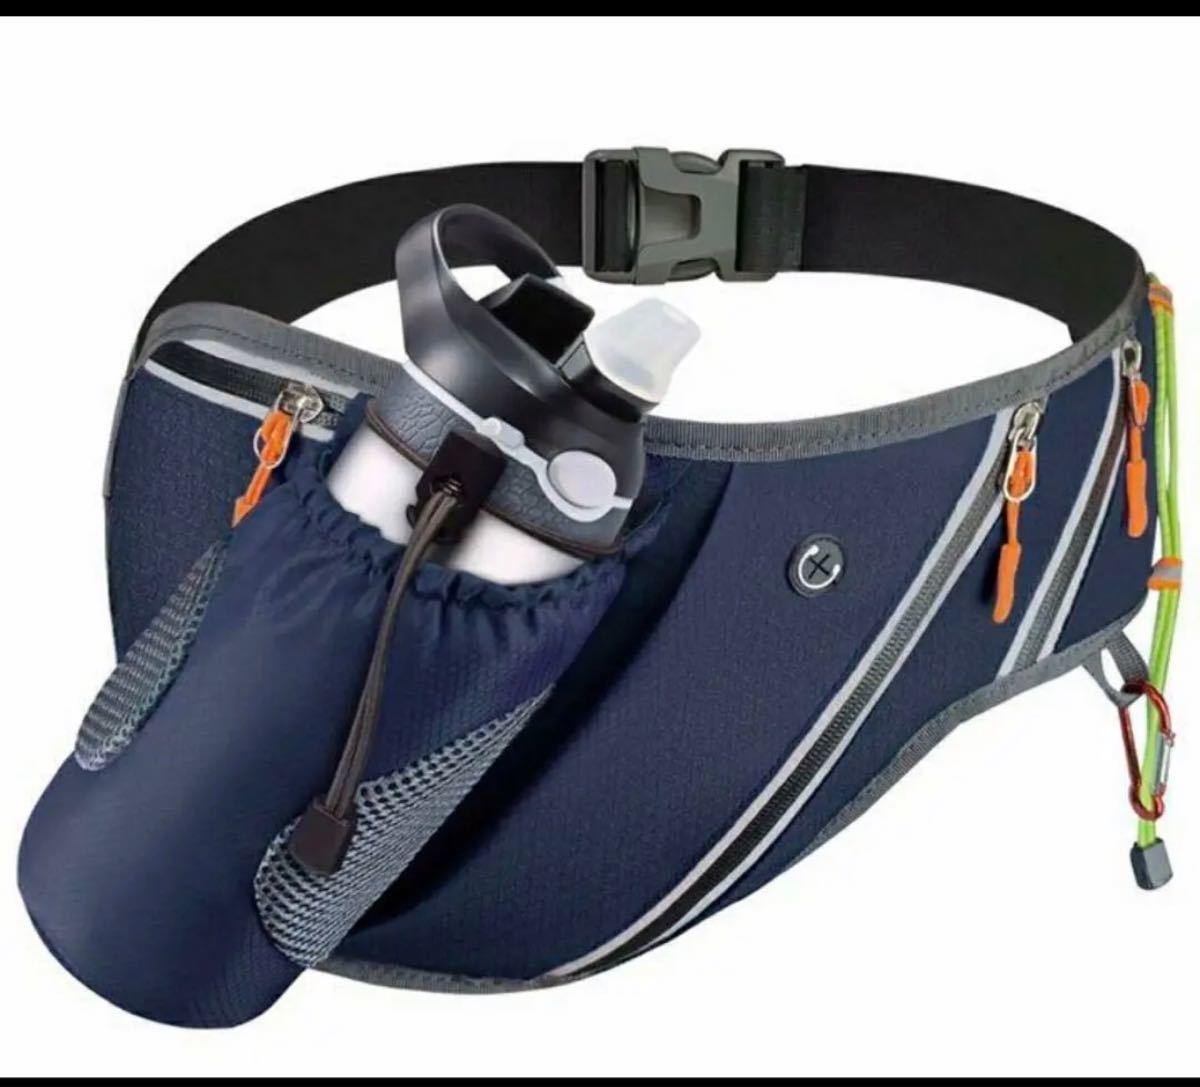 ランニングポーチ ウエストポーチ 大容量 通気 防水 ペットボトルホルダー付き